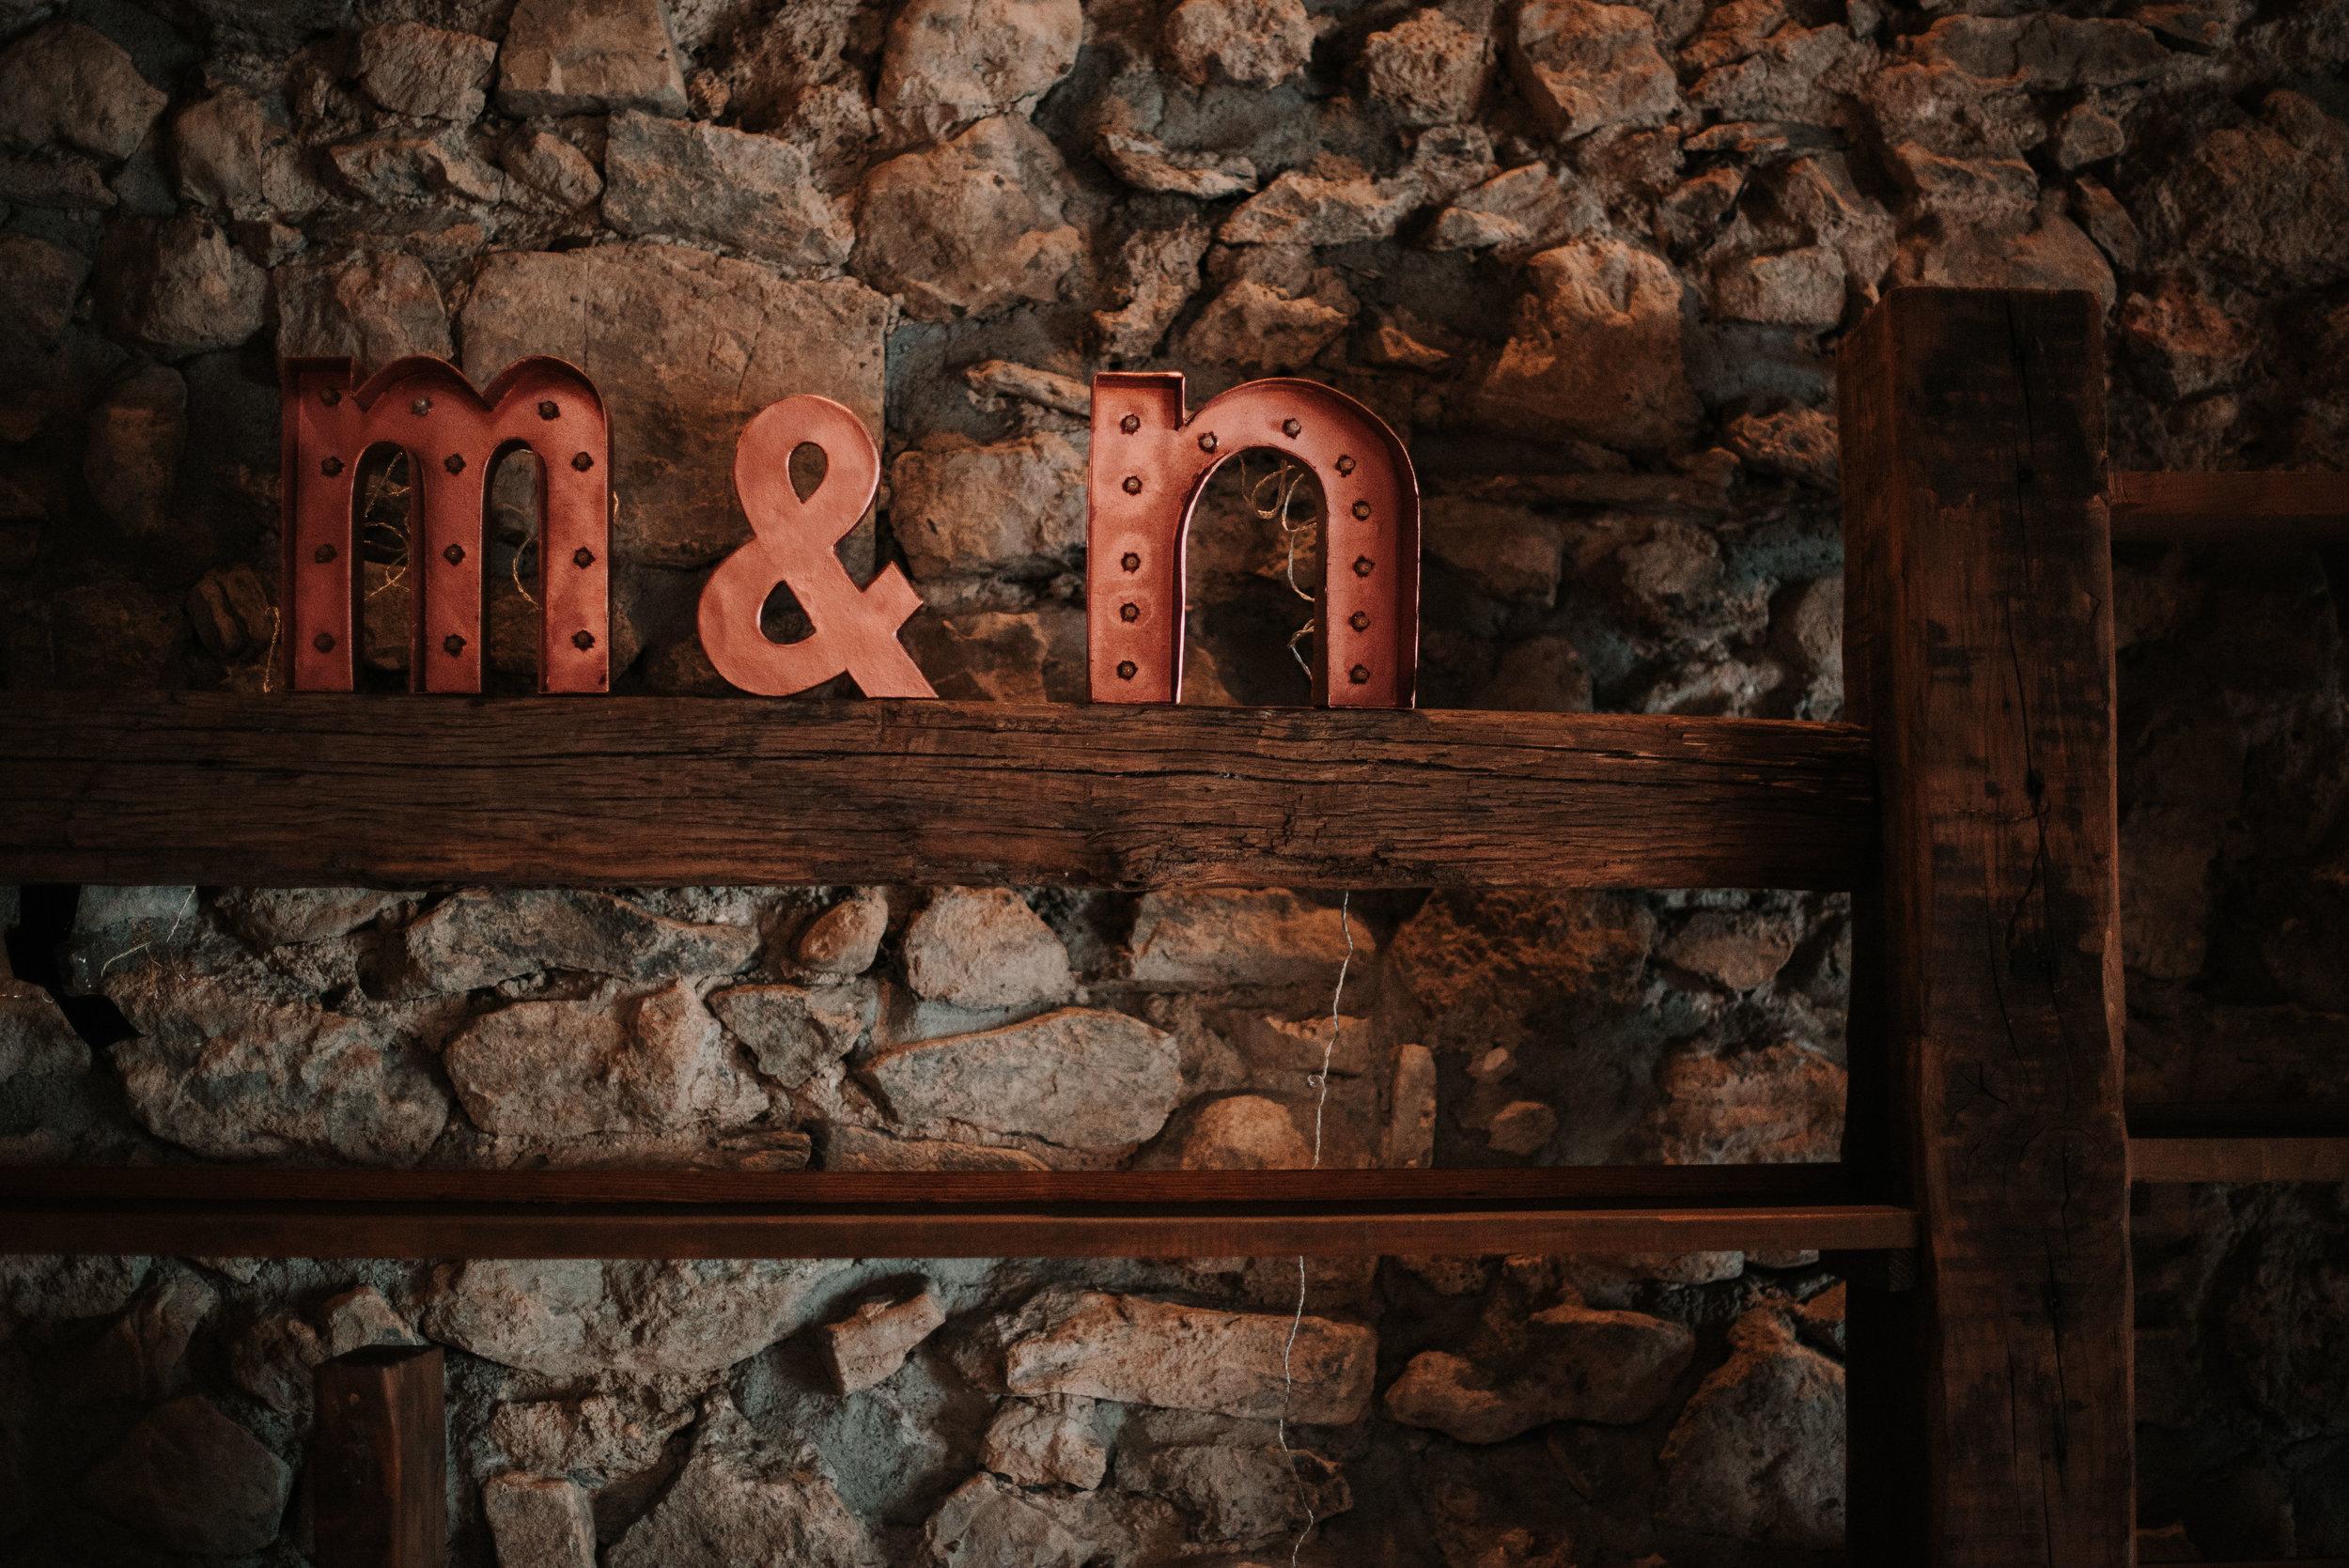 Léa-Fery-photographe-professionnel-lyon-rhone-alpes-portrait-creation-mariage-evenement-evenementiel-famille-6480.jpg